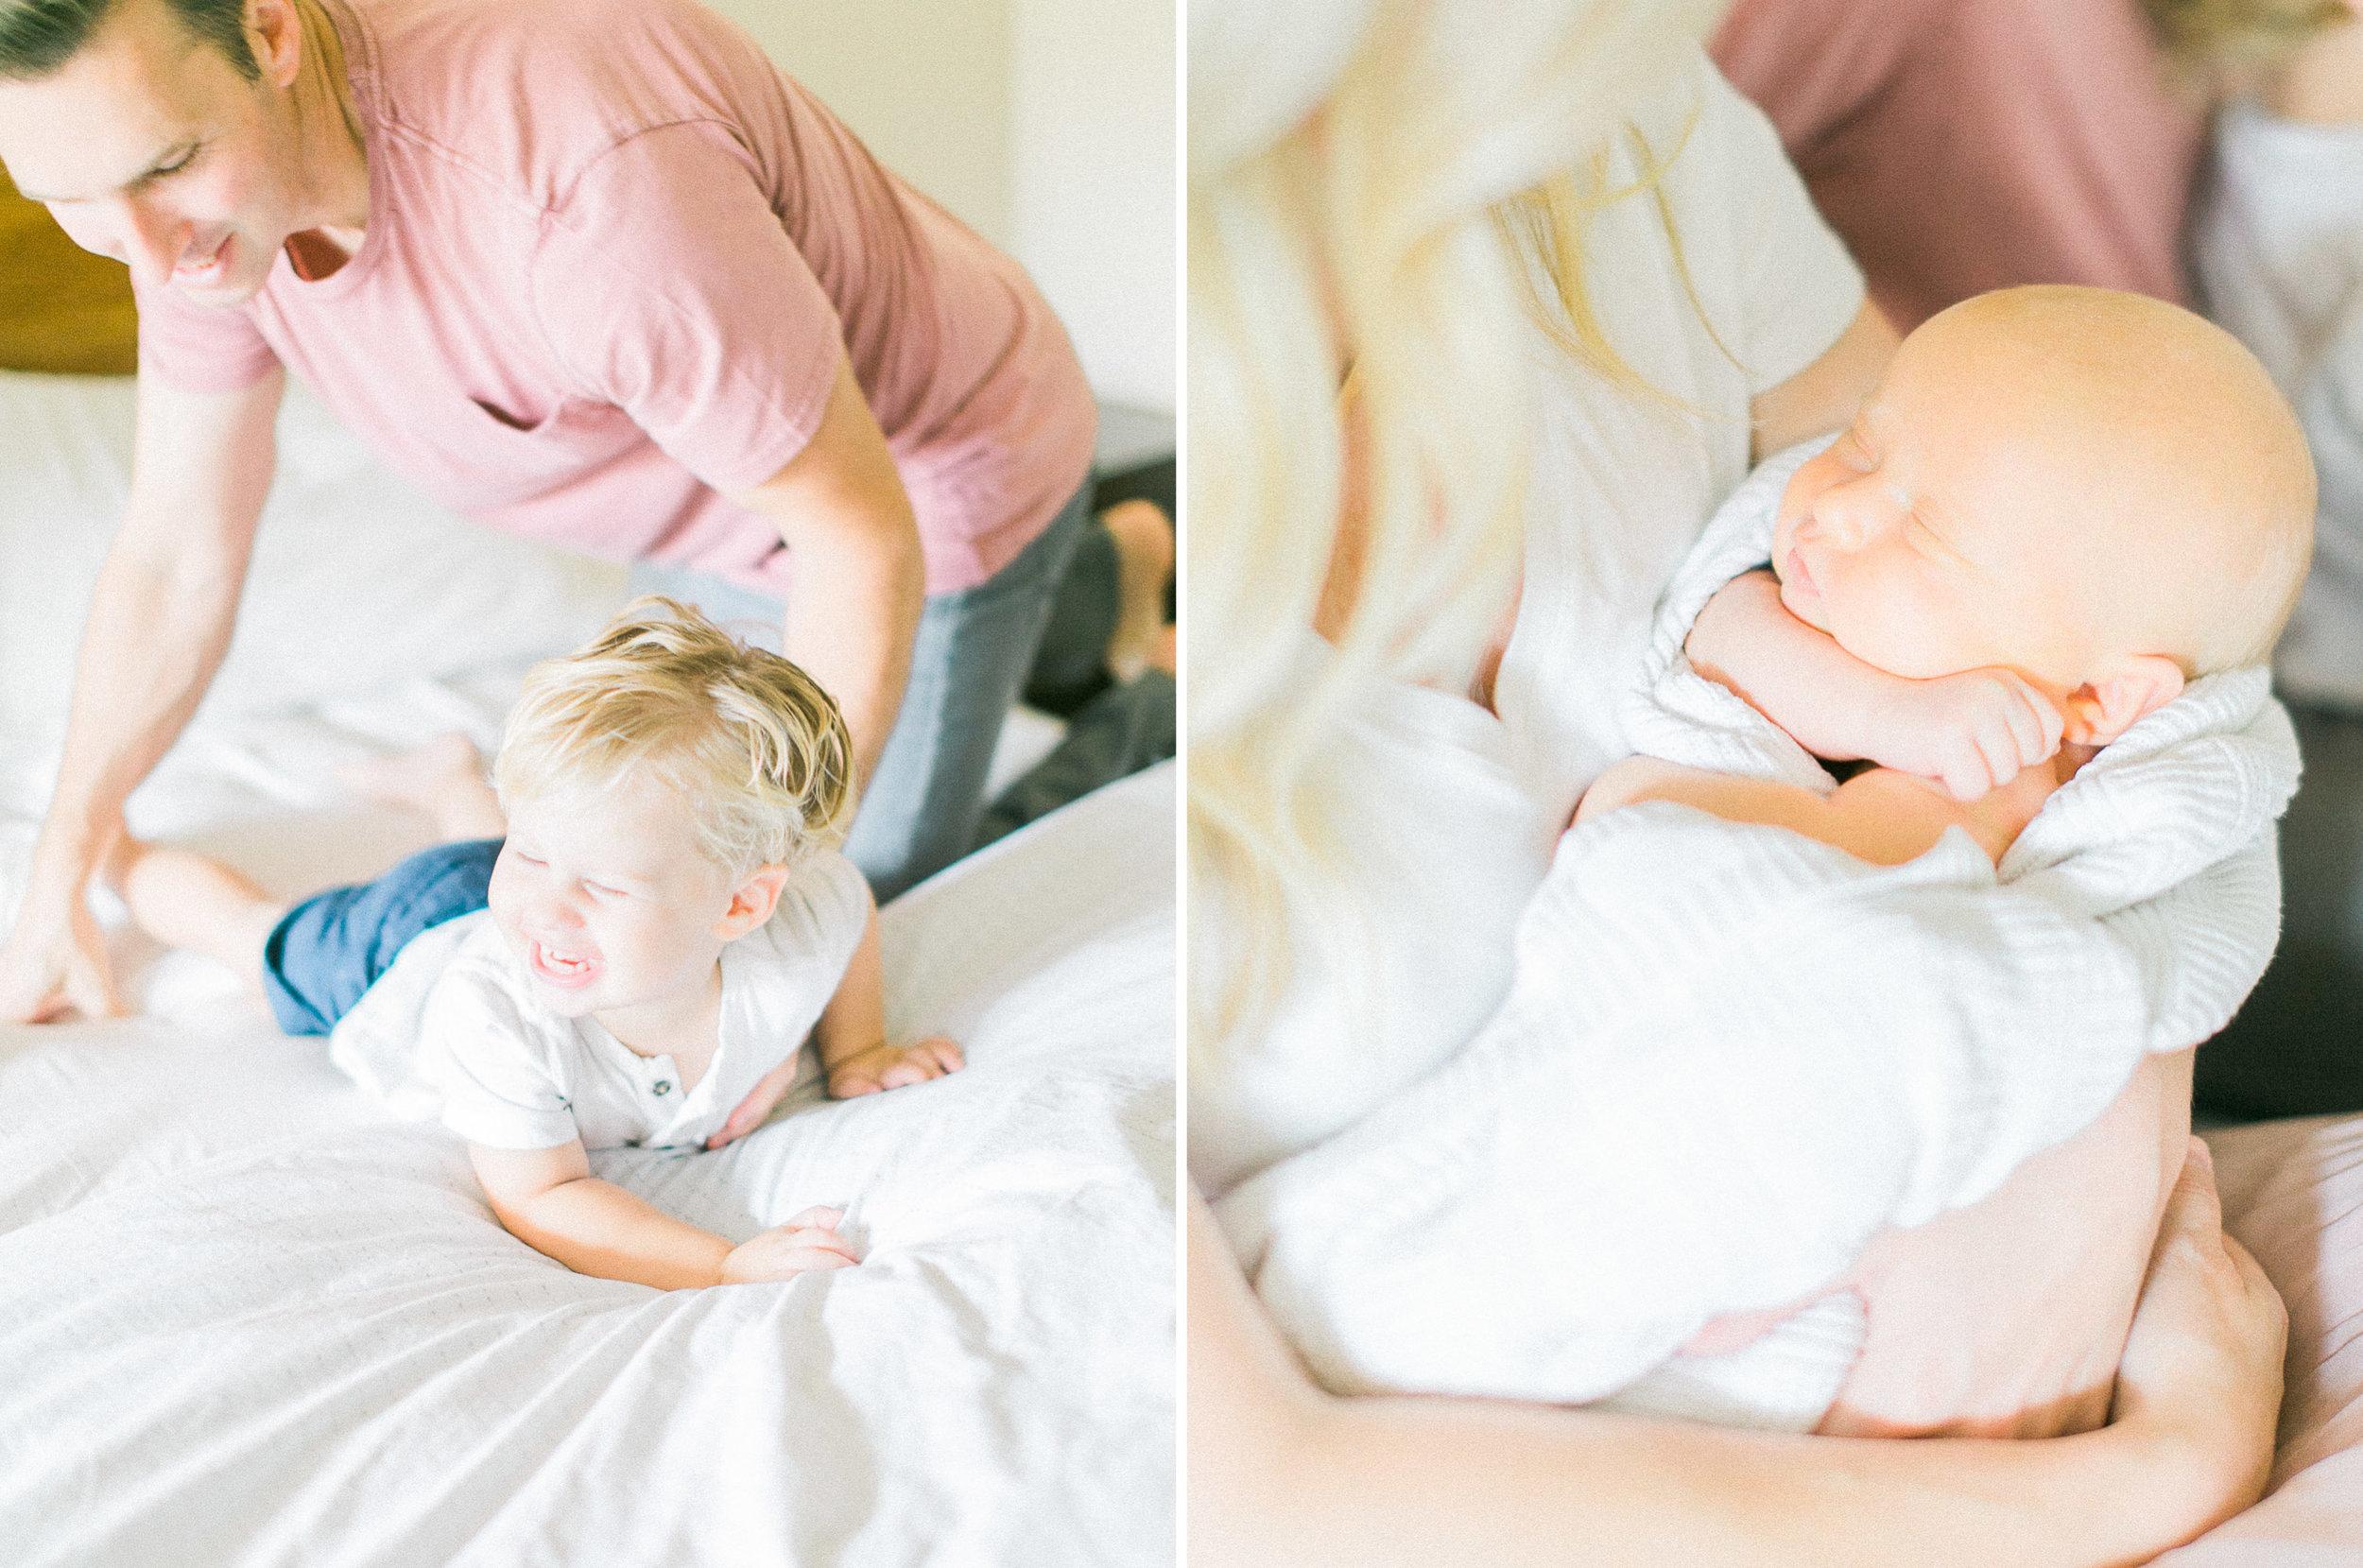 boise-newborn-photographer-2.jpg